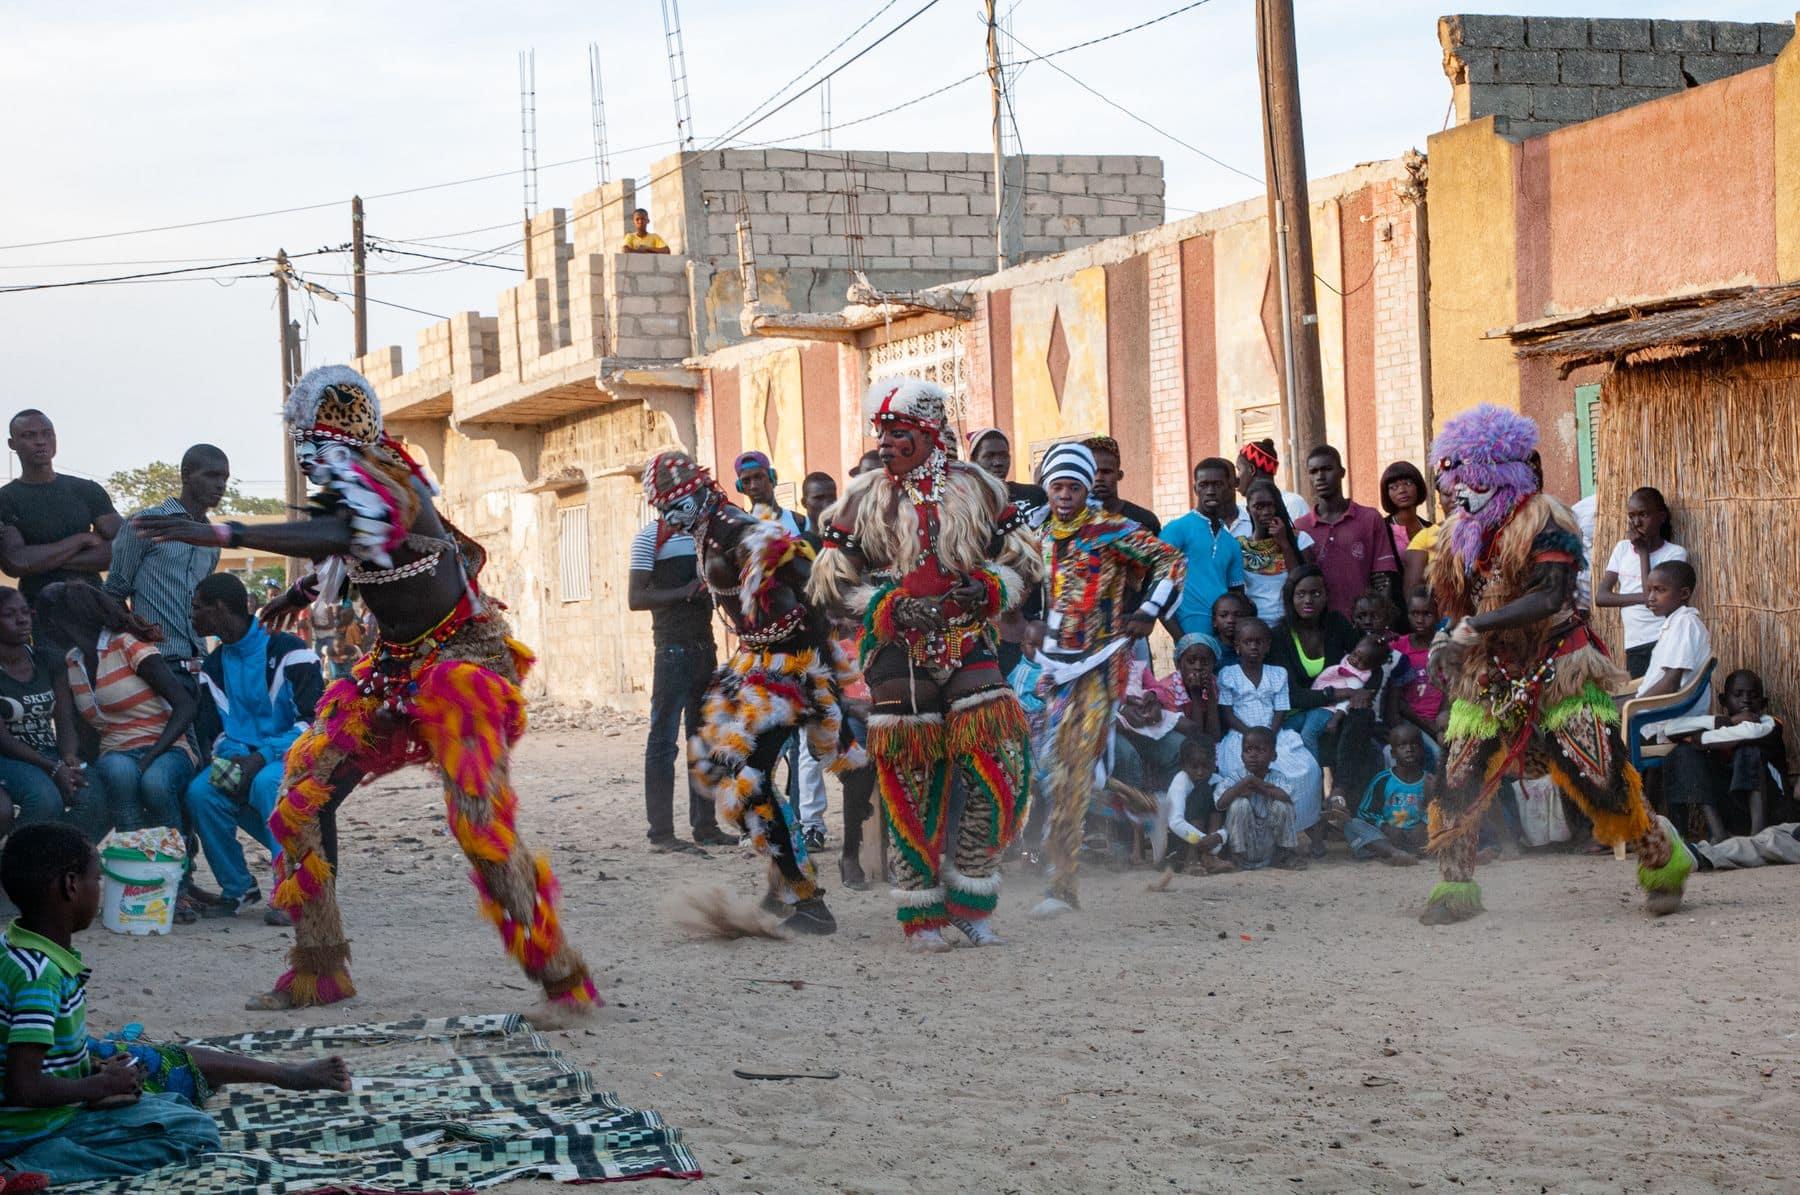 MichelAycaguer-LeSimb-LeFauxLion-SaintLouis-Senegal-67